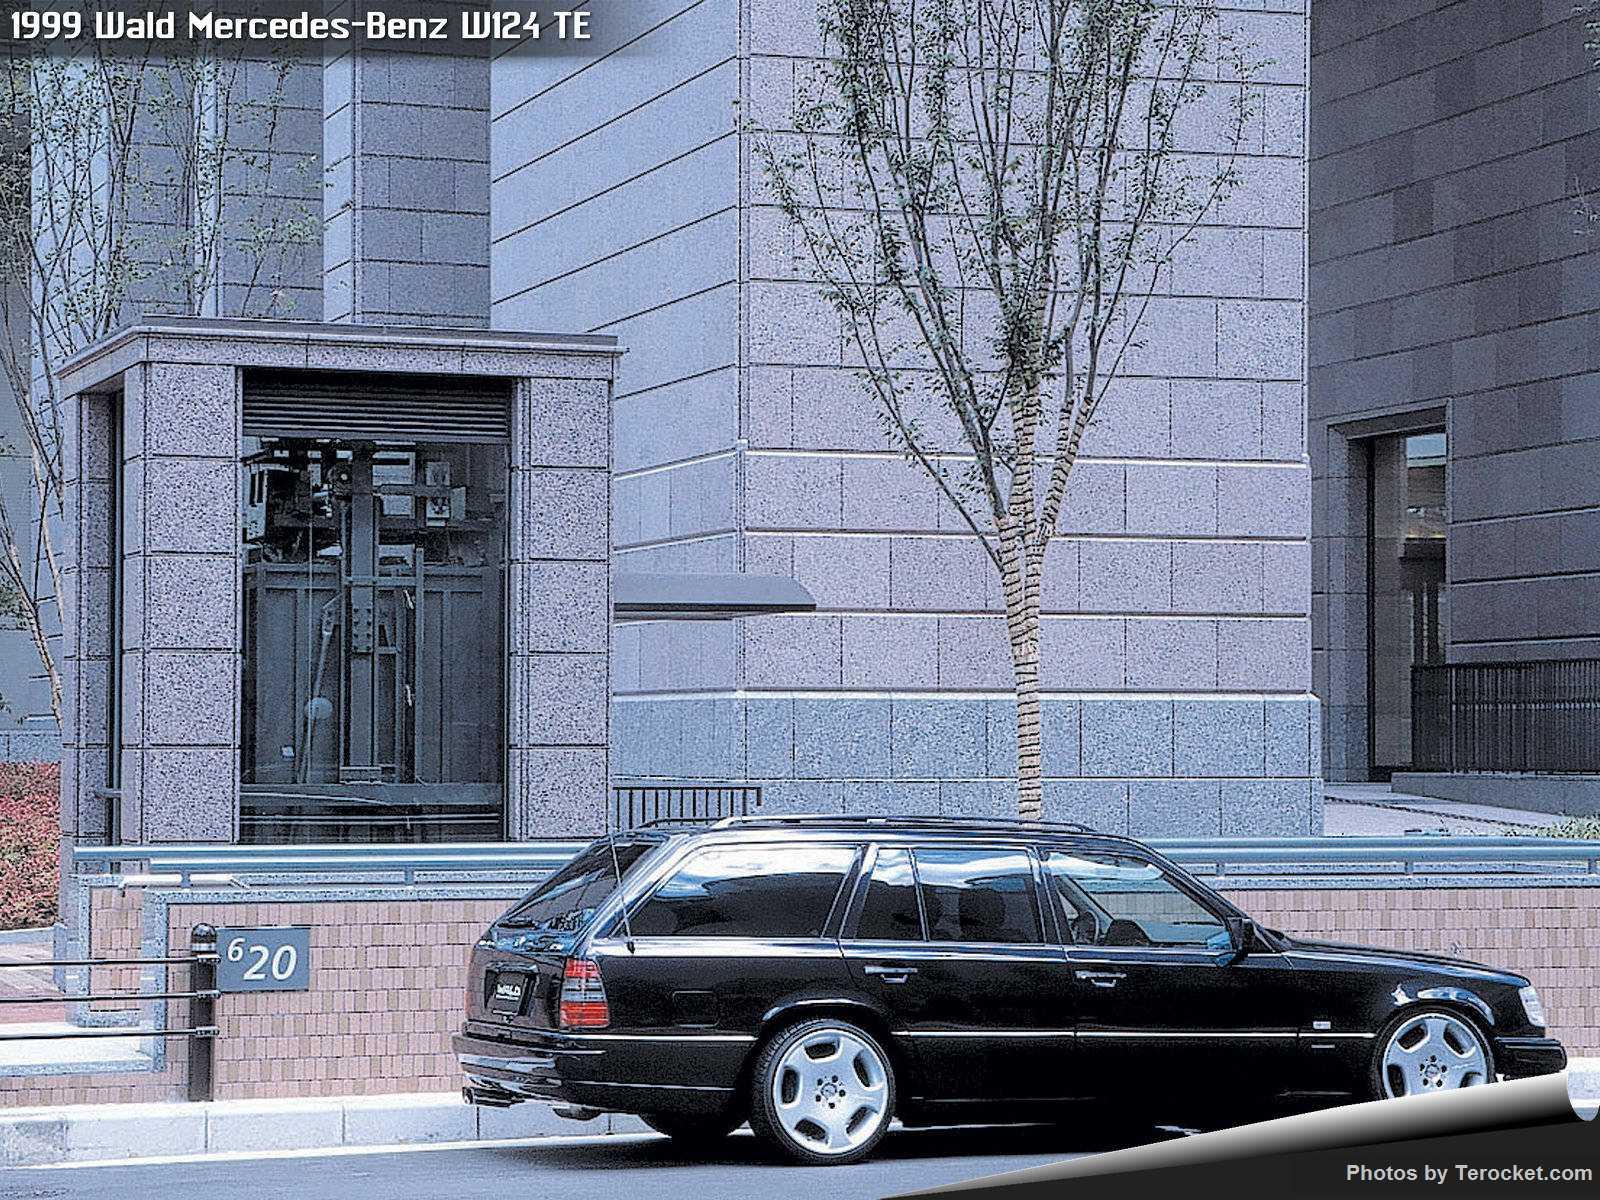 Hình ảnh xe độ Wald Mercedes-Benz W124 TE 1999 & nội ngoại thất